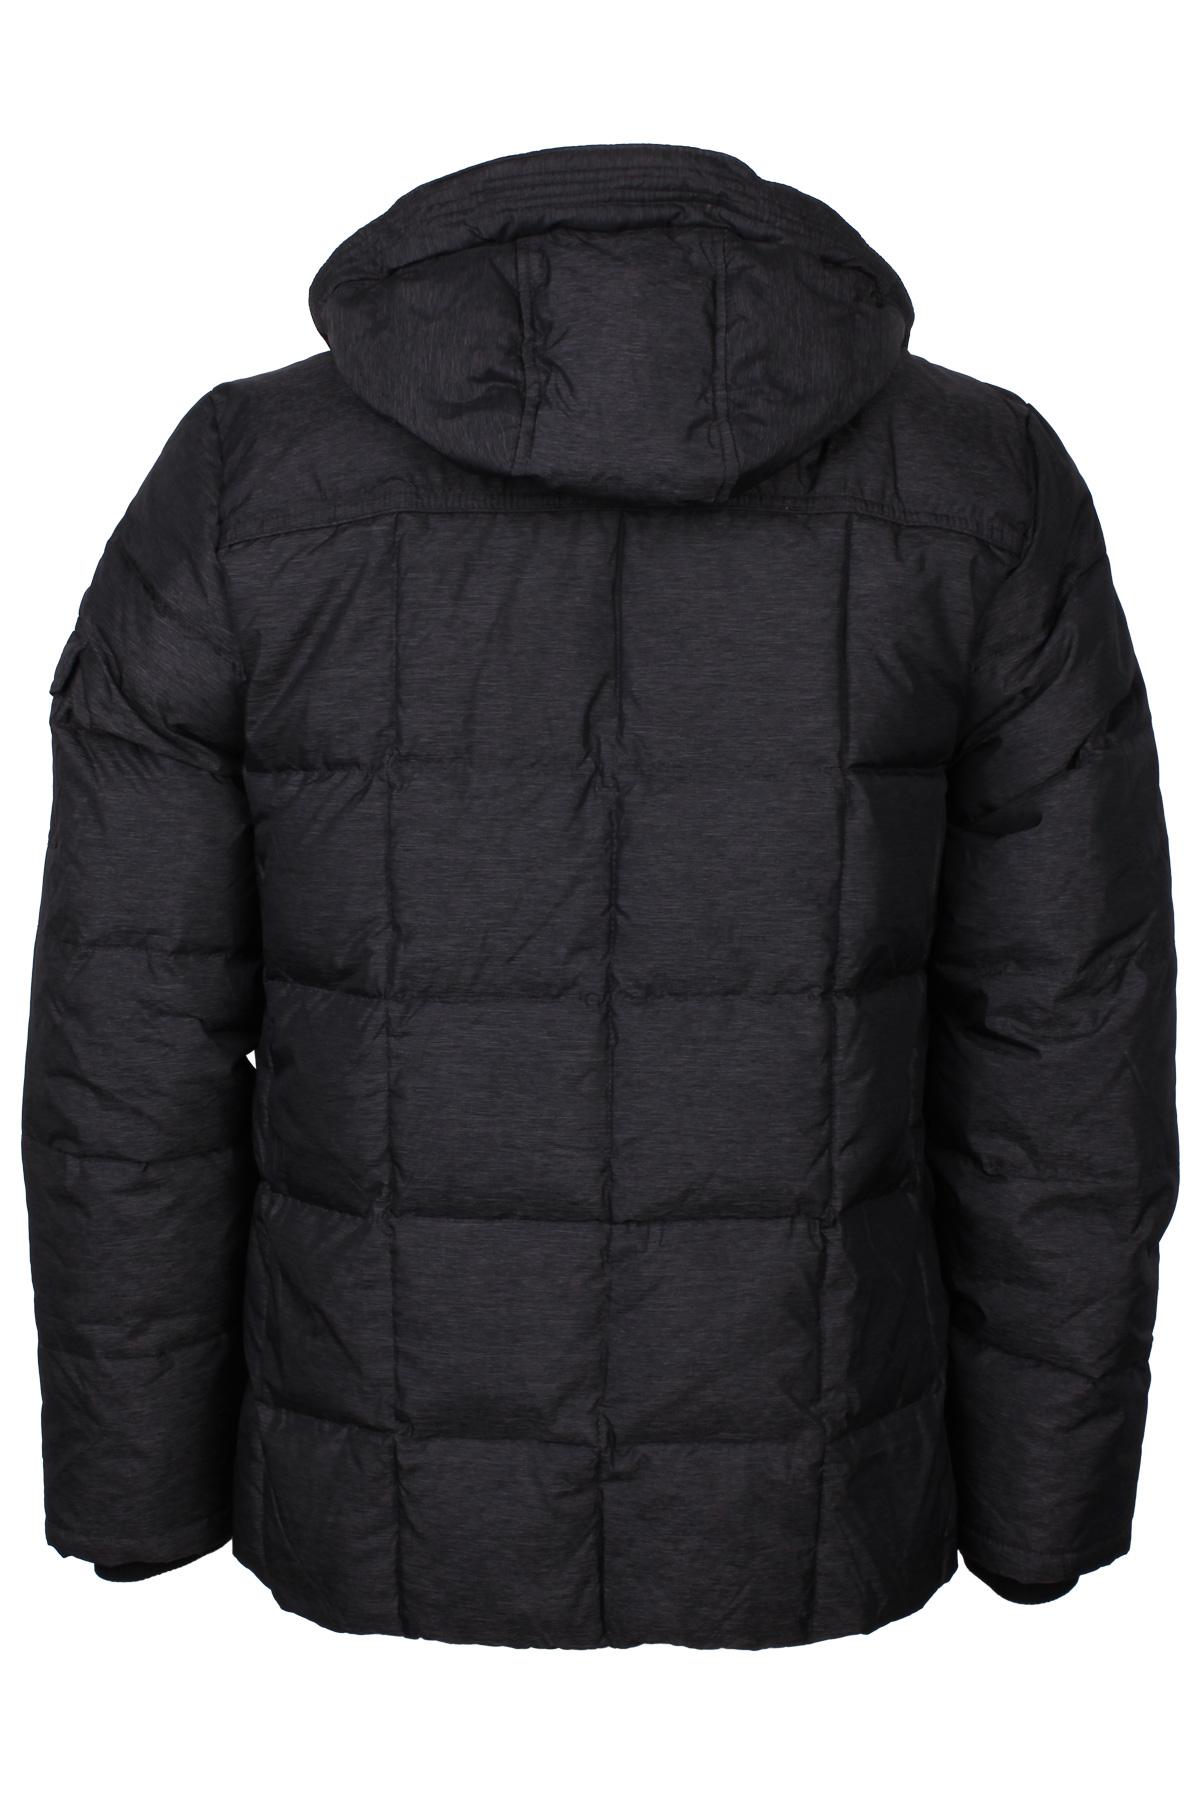 tom tailor herren jacke 35202790010 jacket with hood 2572. Black Bedroom Furniture Sets. Home Design Ideas